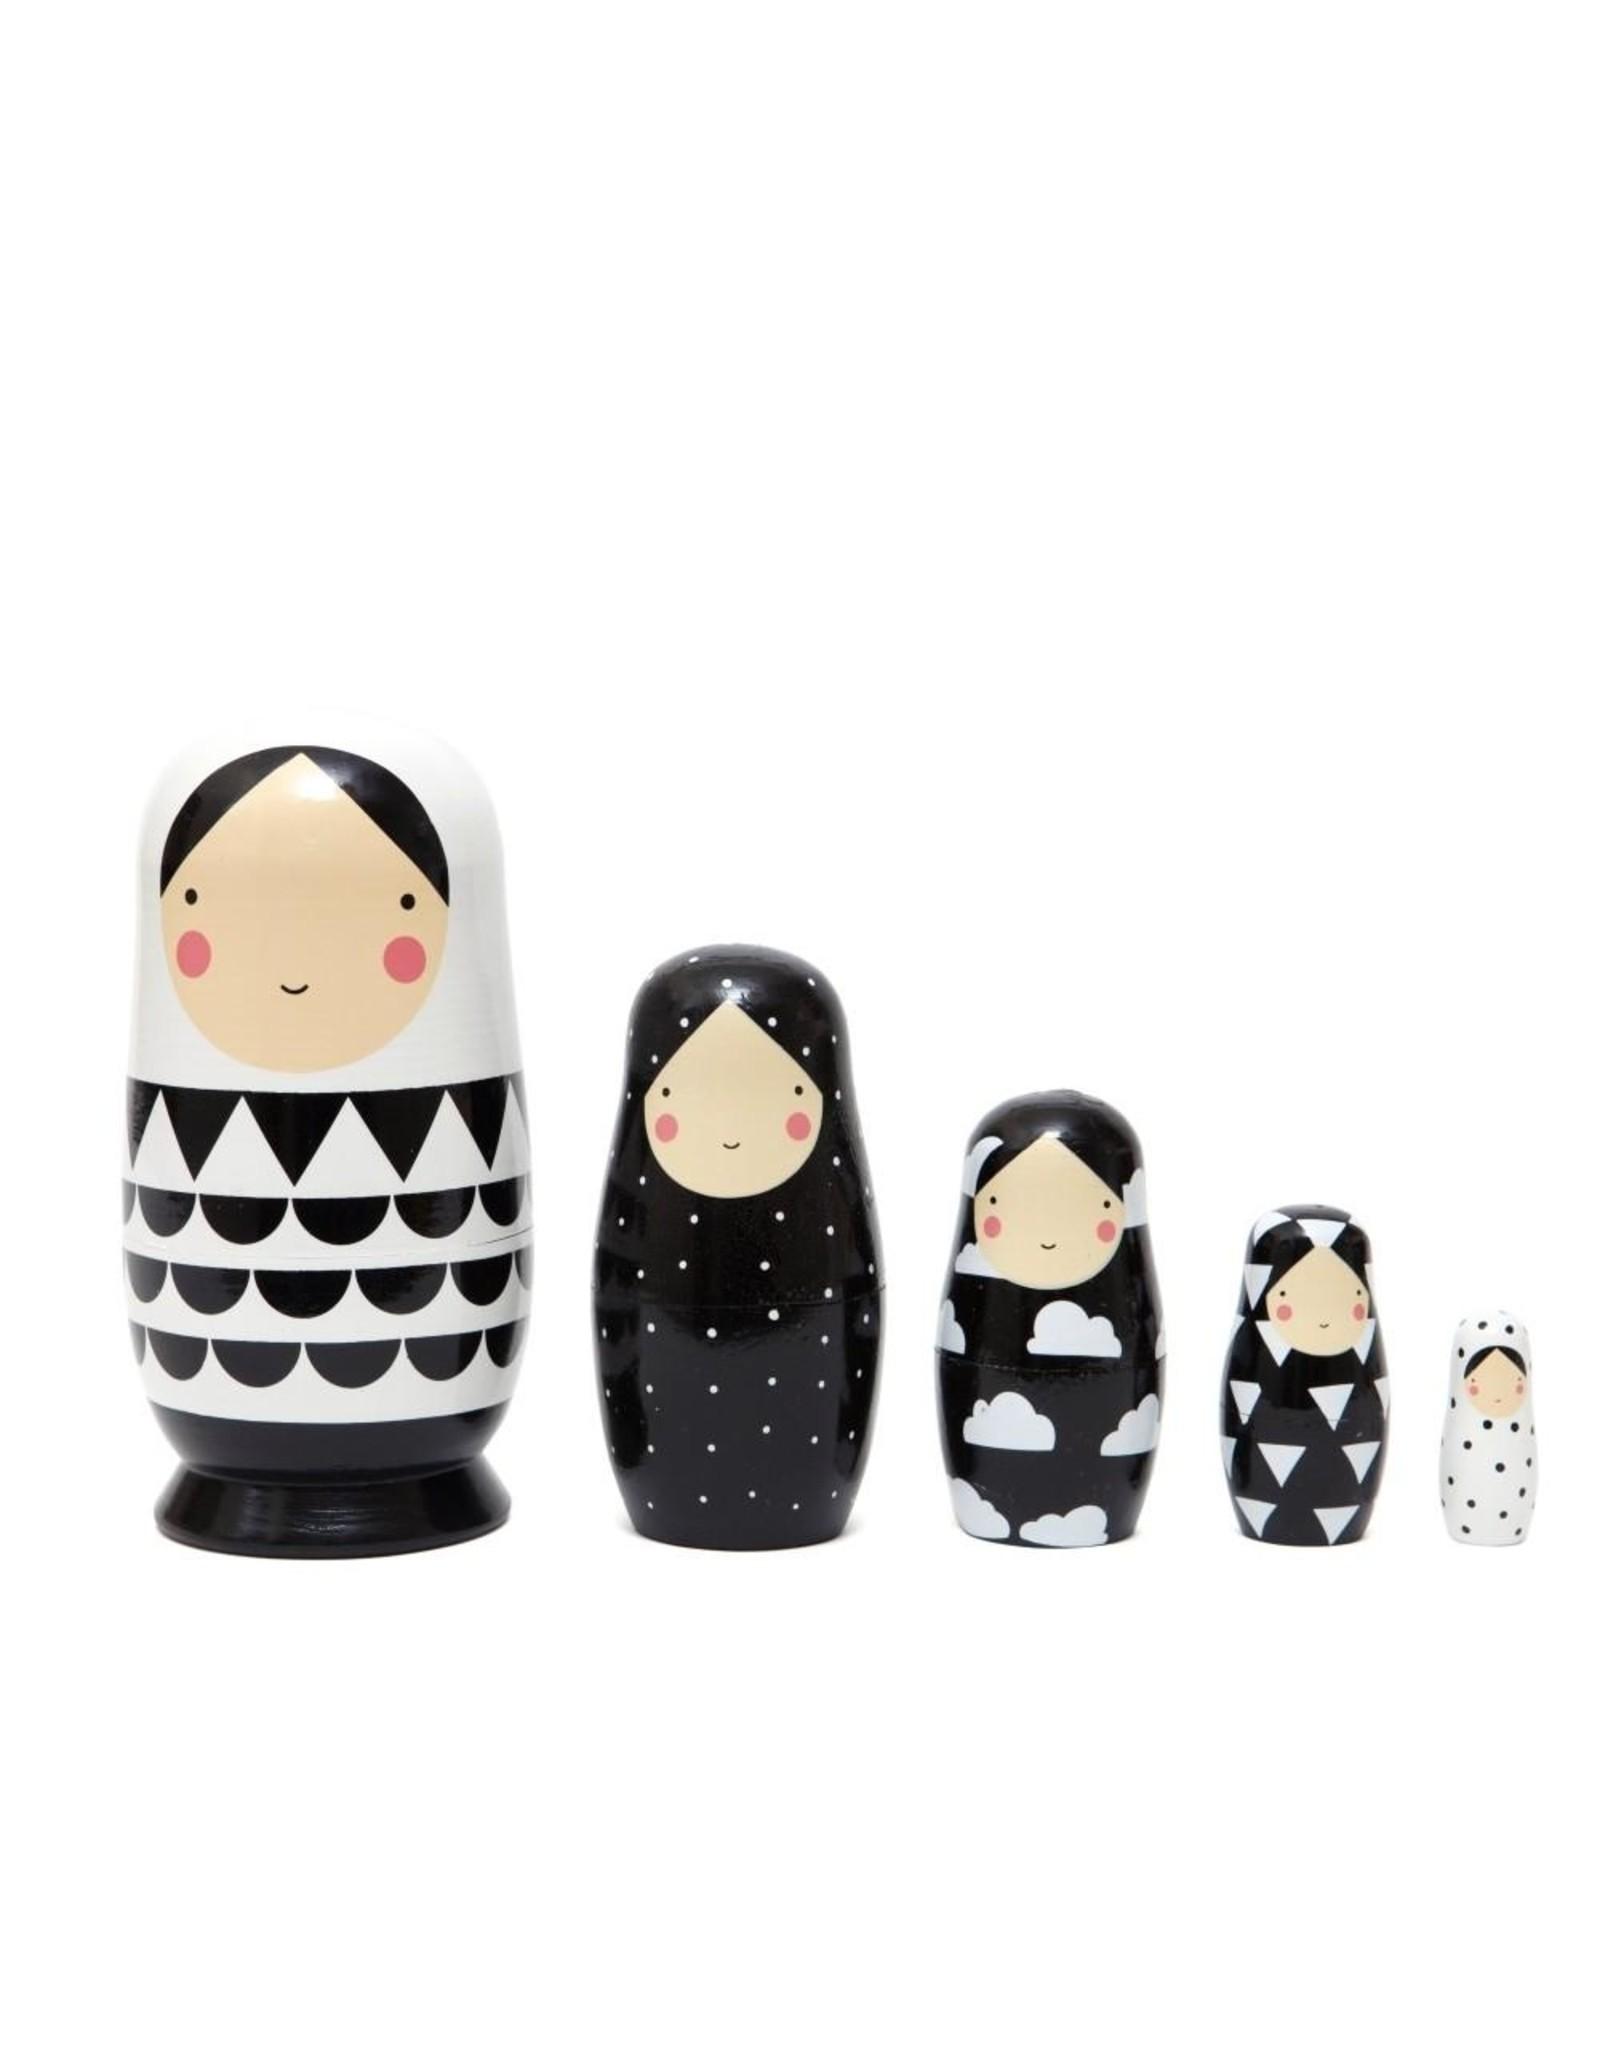 Petit Monkey Petit Monkey Nesting Dolls Black and White